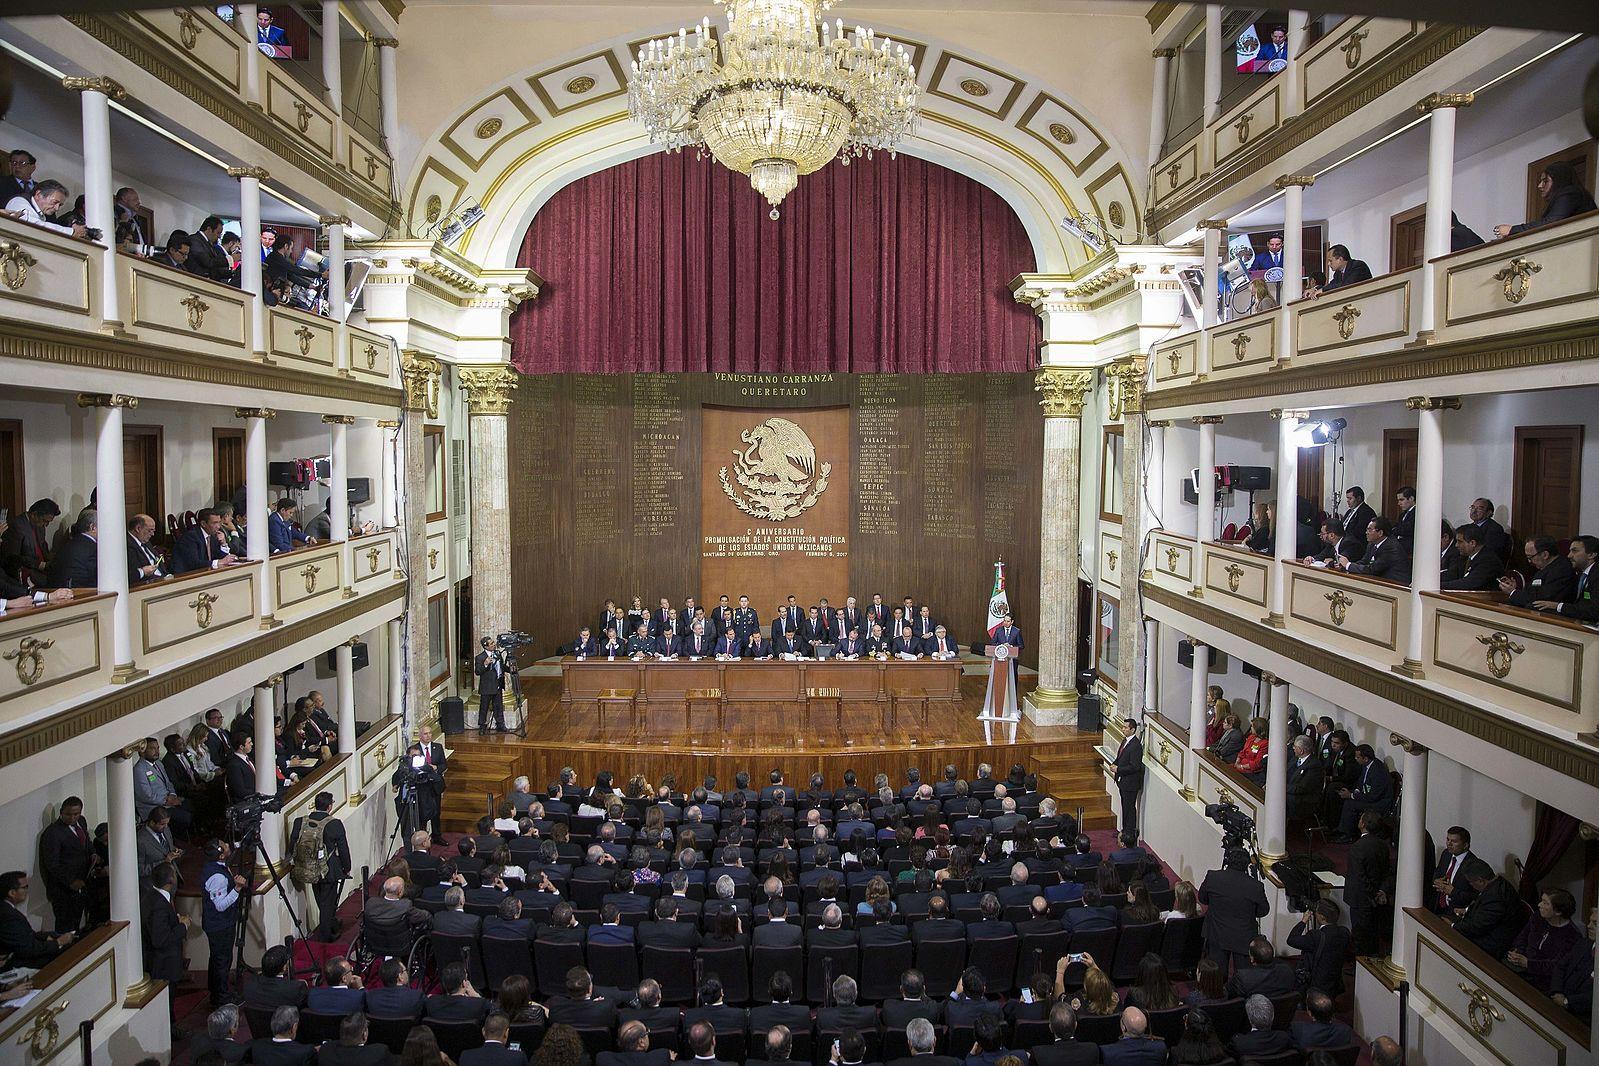 100 Aniversario de la Promulgación de la Constitución Política de los Estados Unidos Mexicanos